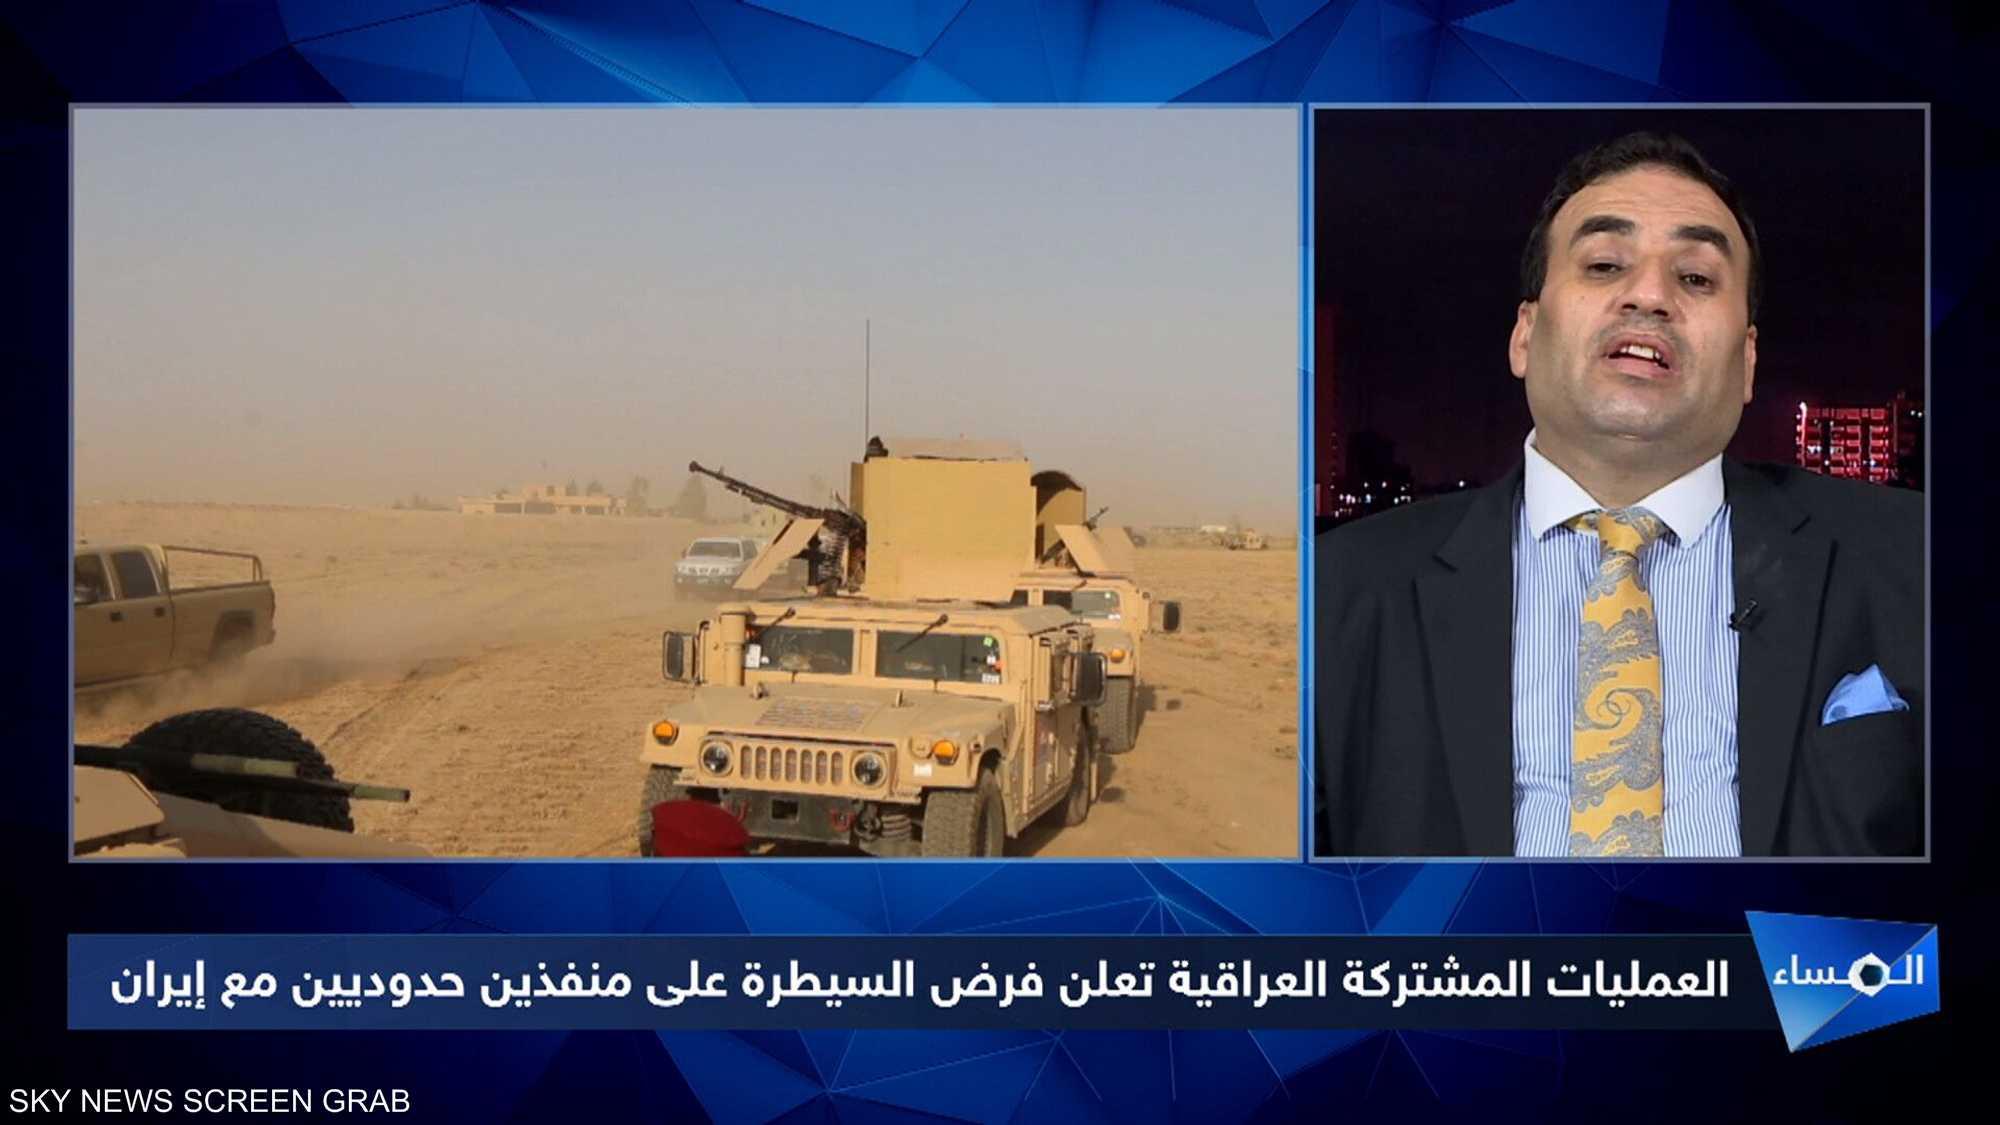 عودة منفذين عراقيين حدوديين مع إيران لسيطرة الحكومة العراقية